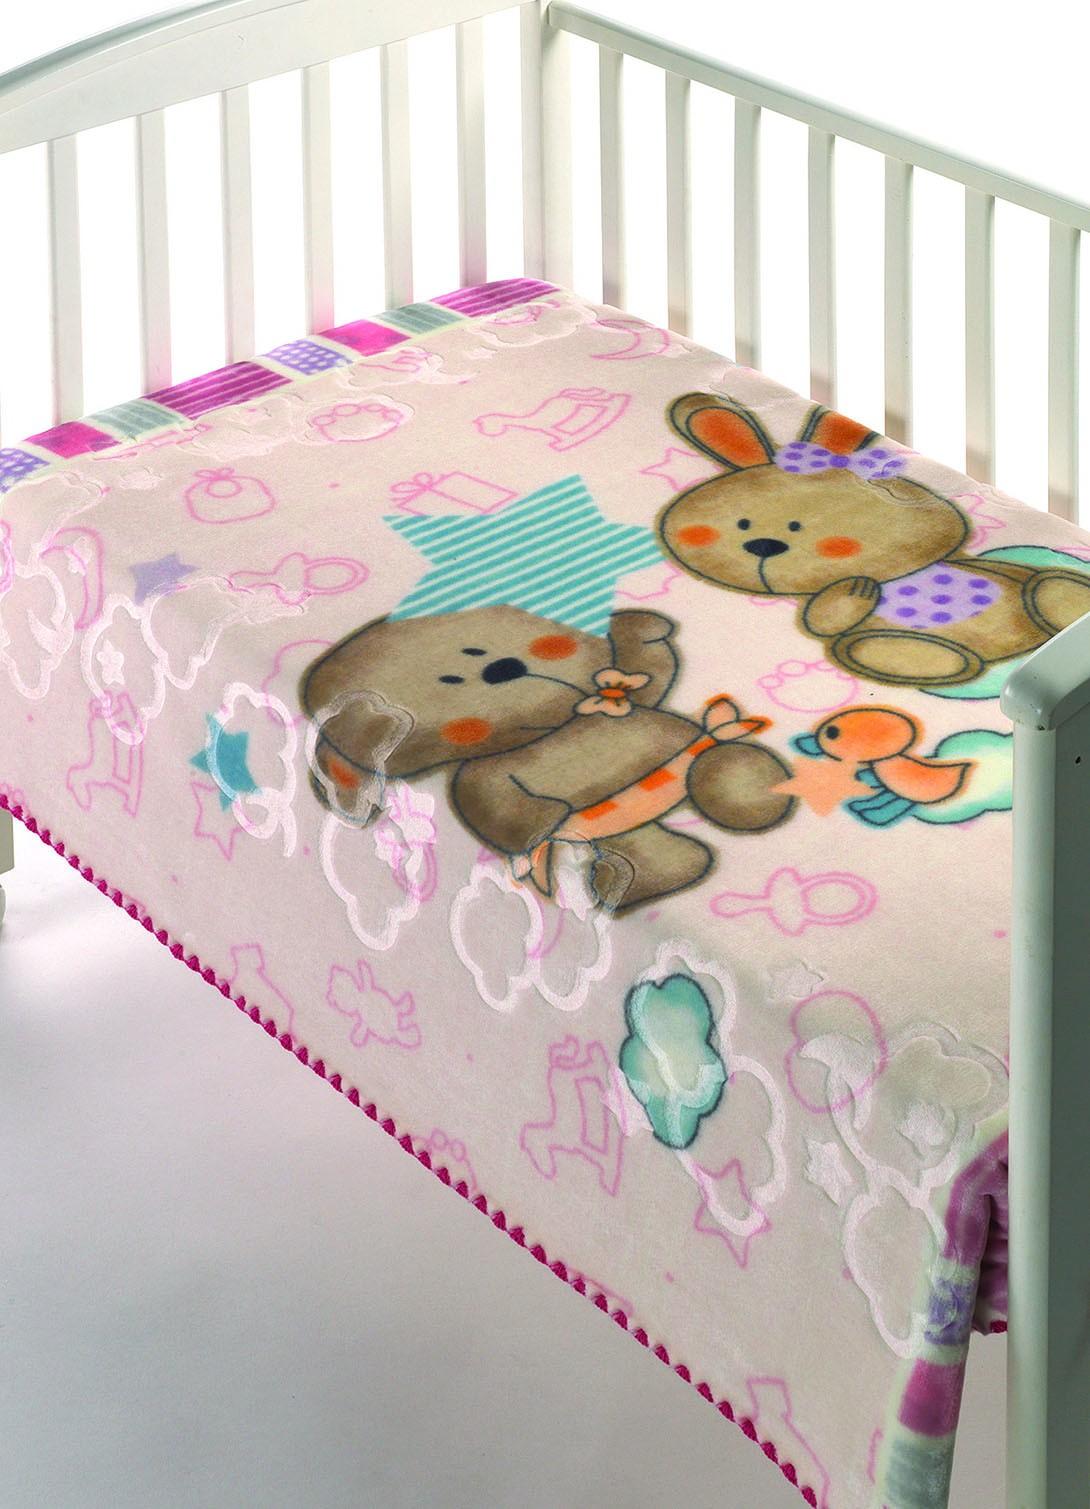 Κουβέρτα Βελουτέ Αγκαλιάς Morven Luxury Plus 275 Ροζ